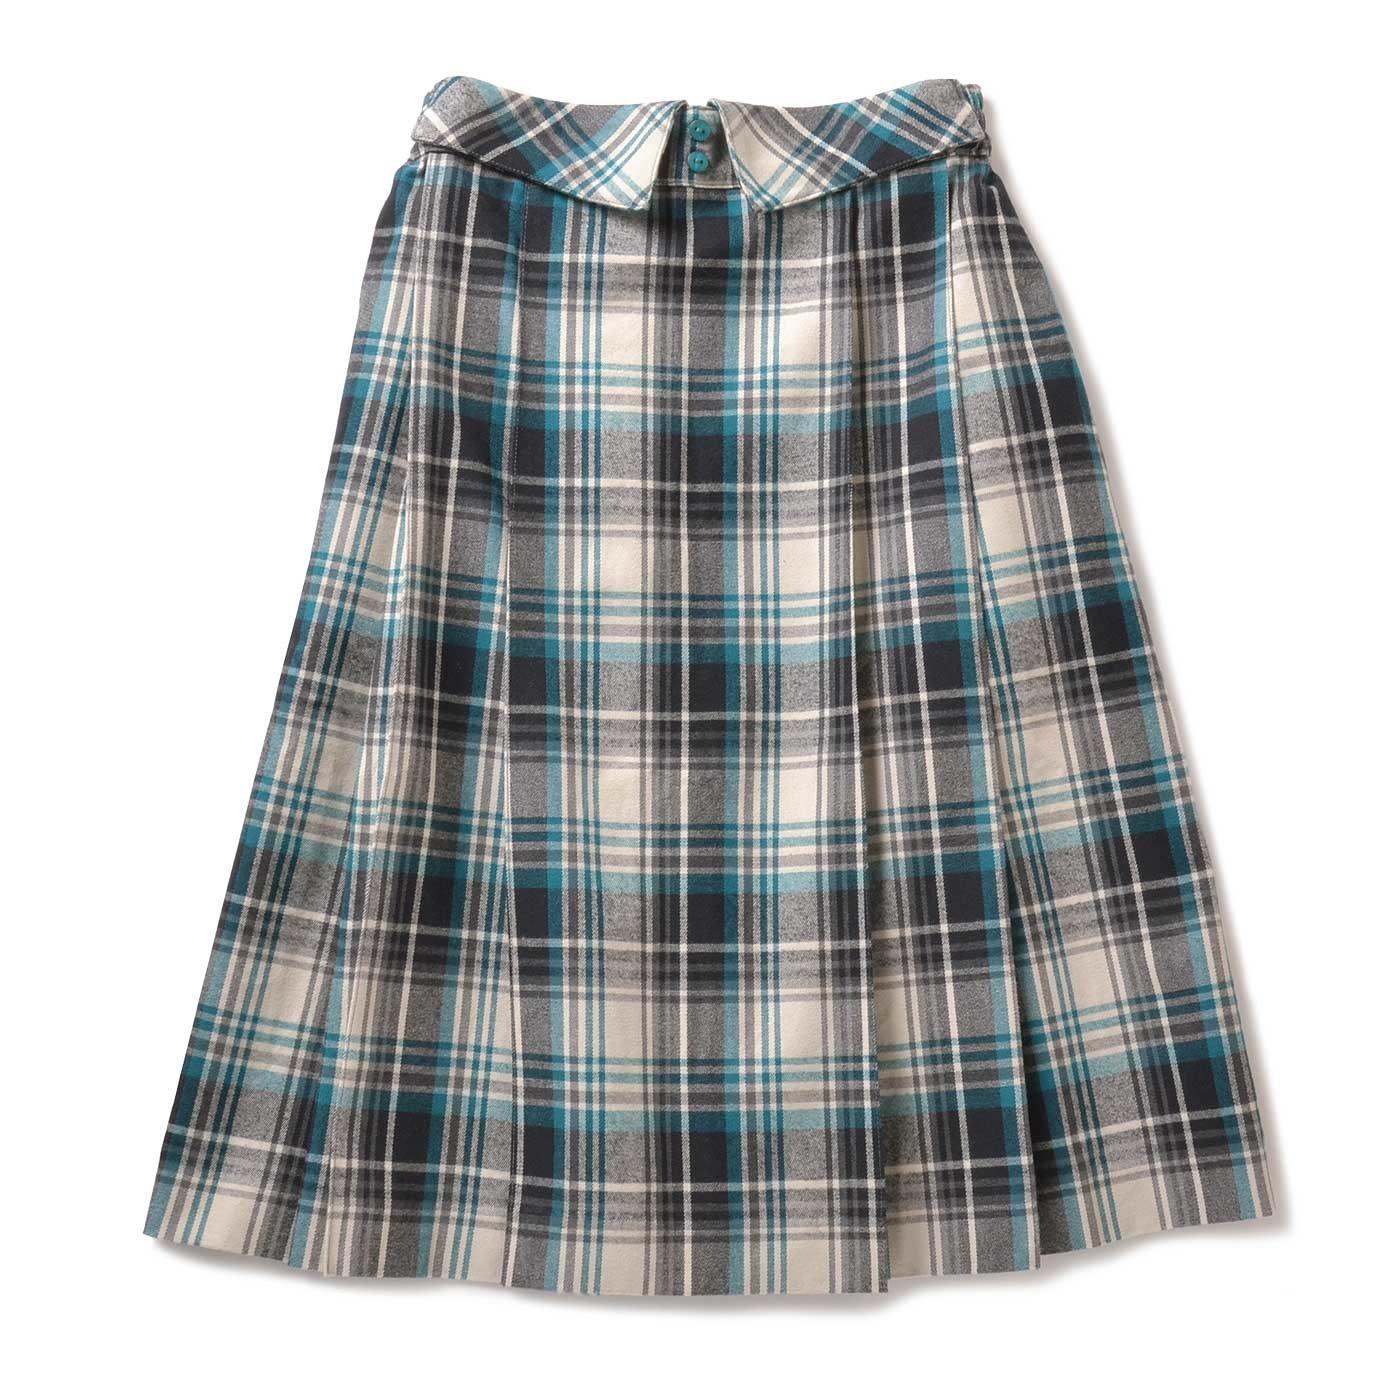 衿風ウエストの おすましチェックスカート(1)